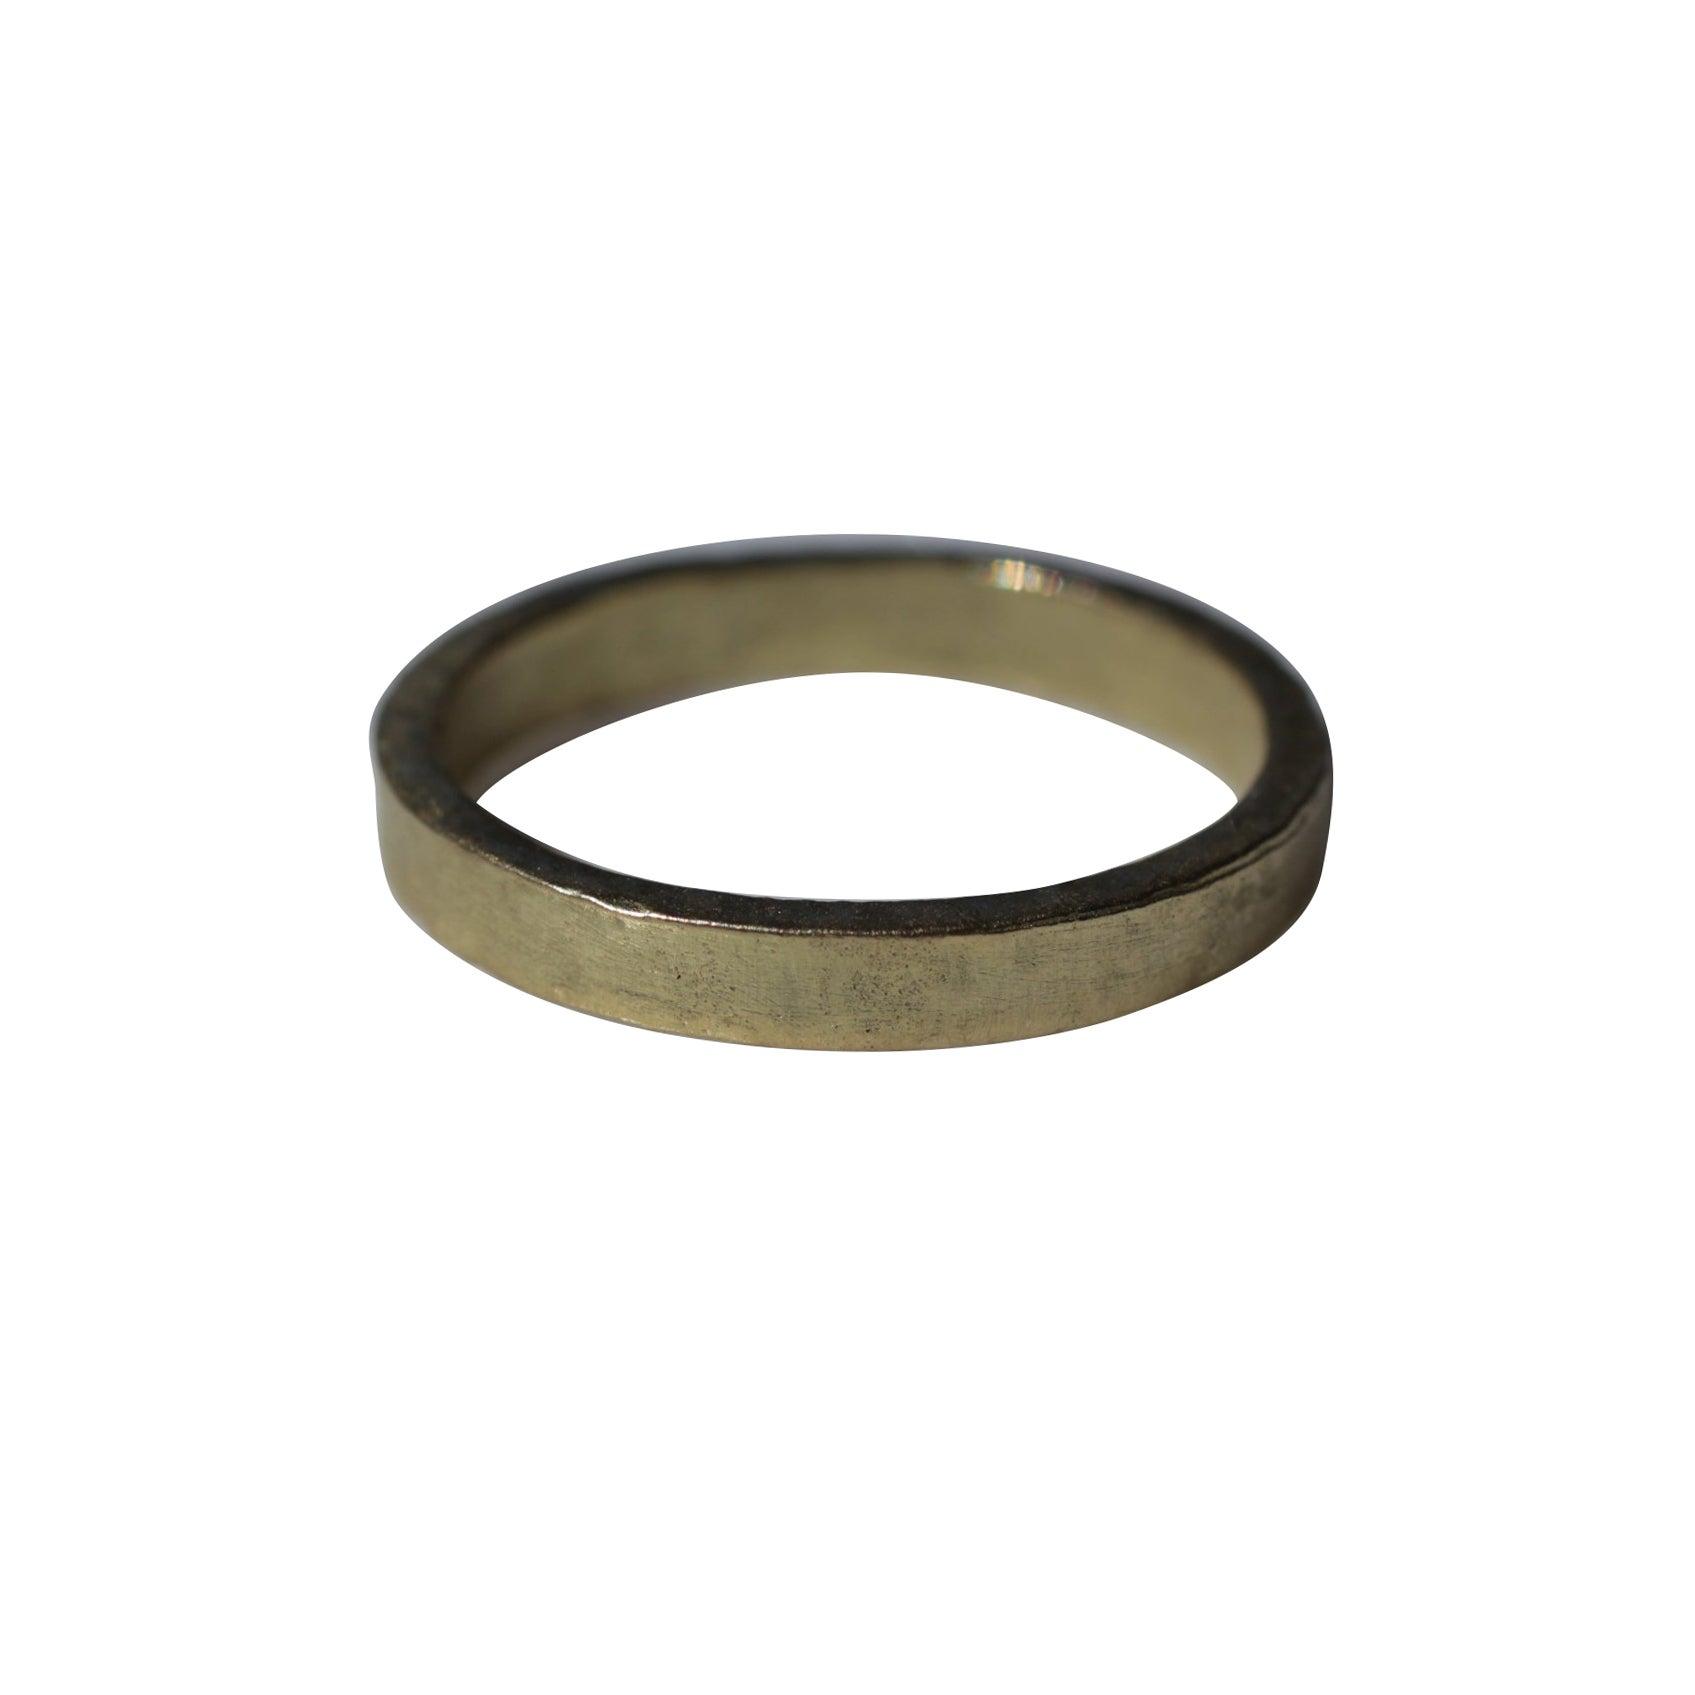 22k Gold Bridal Wedding Band Ring Wide Band Modern Stacking Ring